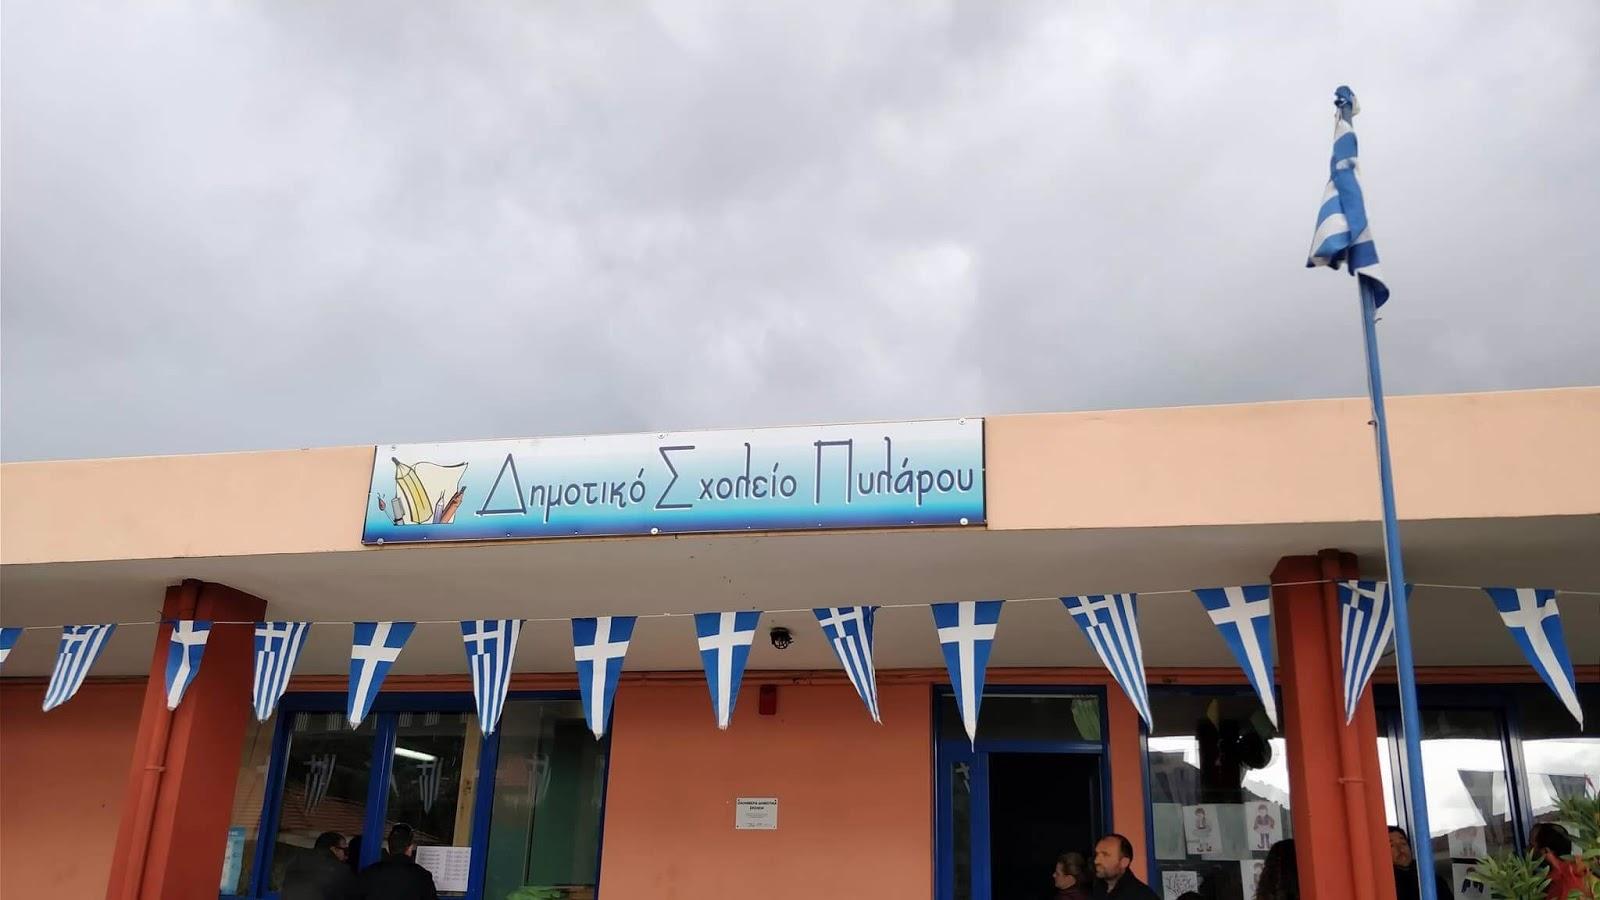 Αποτέλεσμα εικόνας για σχολείο site:kefalonitikanea.gr